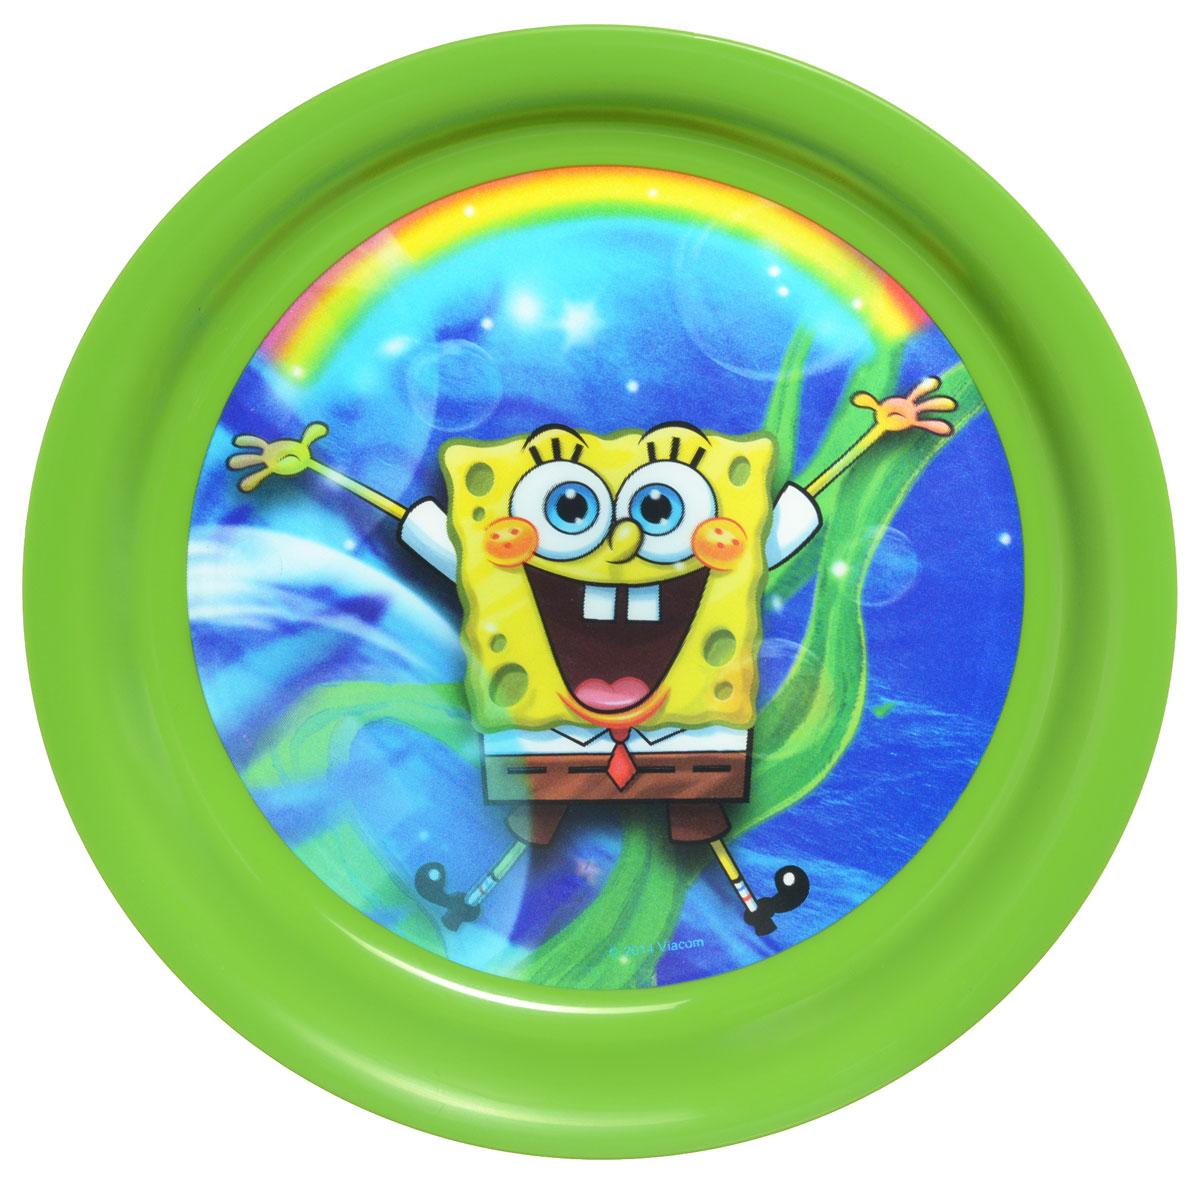 Губка Боб Тарелка детская 3D цвет зеленый диаметр 19 смP190-01GЯркая тарелка Губка Боб с 3D рисунком идеально подойдет для кормления малыша и самостоятельного приема им пищи. Тарелка выполнена из безопасного полипропилена зеленого цвета, дно оформлено объемным изображением улыбающегося Губки Боба из одноименного мультсериала. Такой подарок станет не только приятным, но и практичным сувениром, добавит ярких эмоций вашему ребенку! Не предназначено для использования в СВЧ-печи и посудомоечной машине.